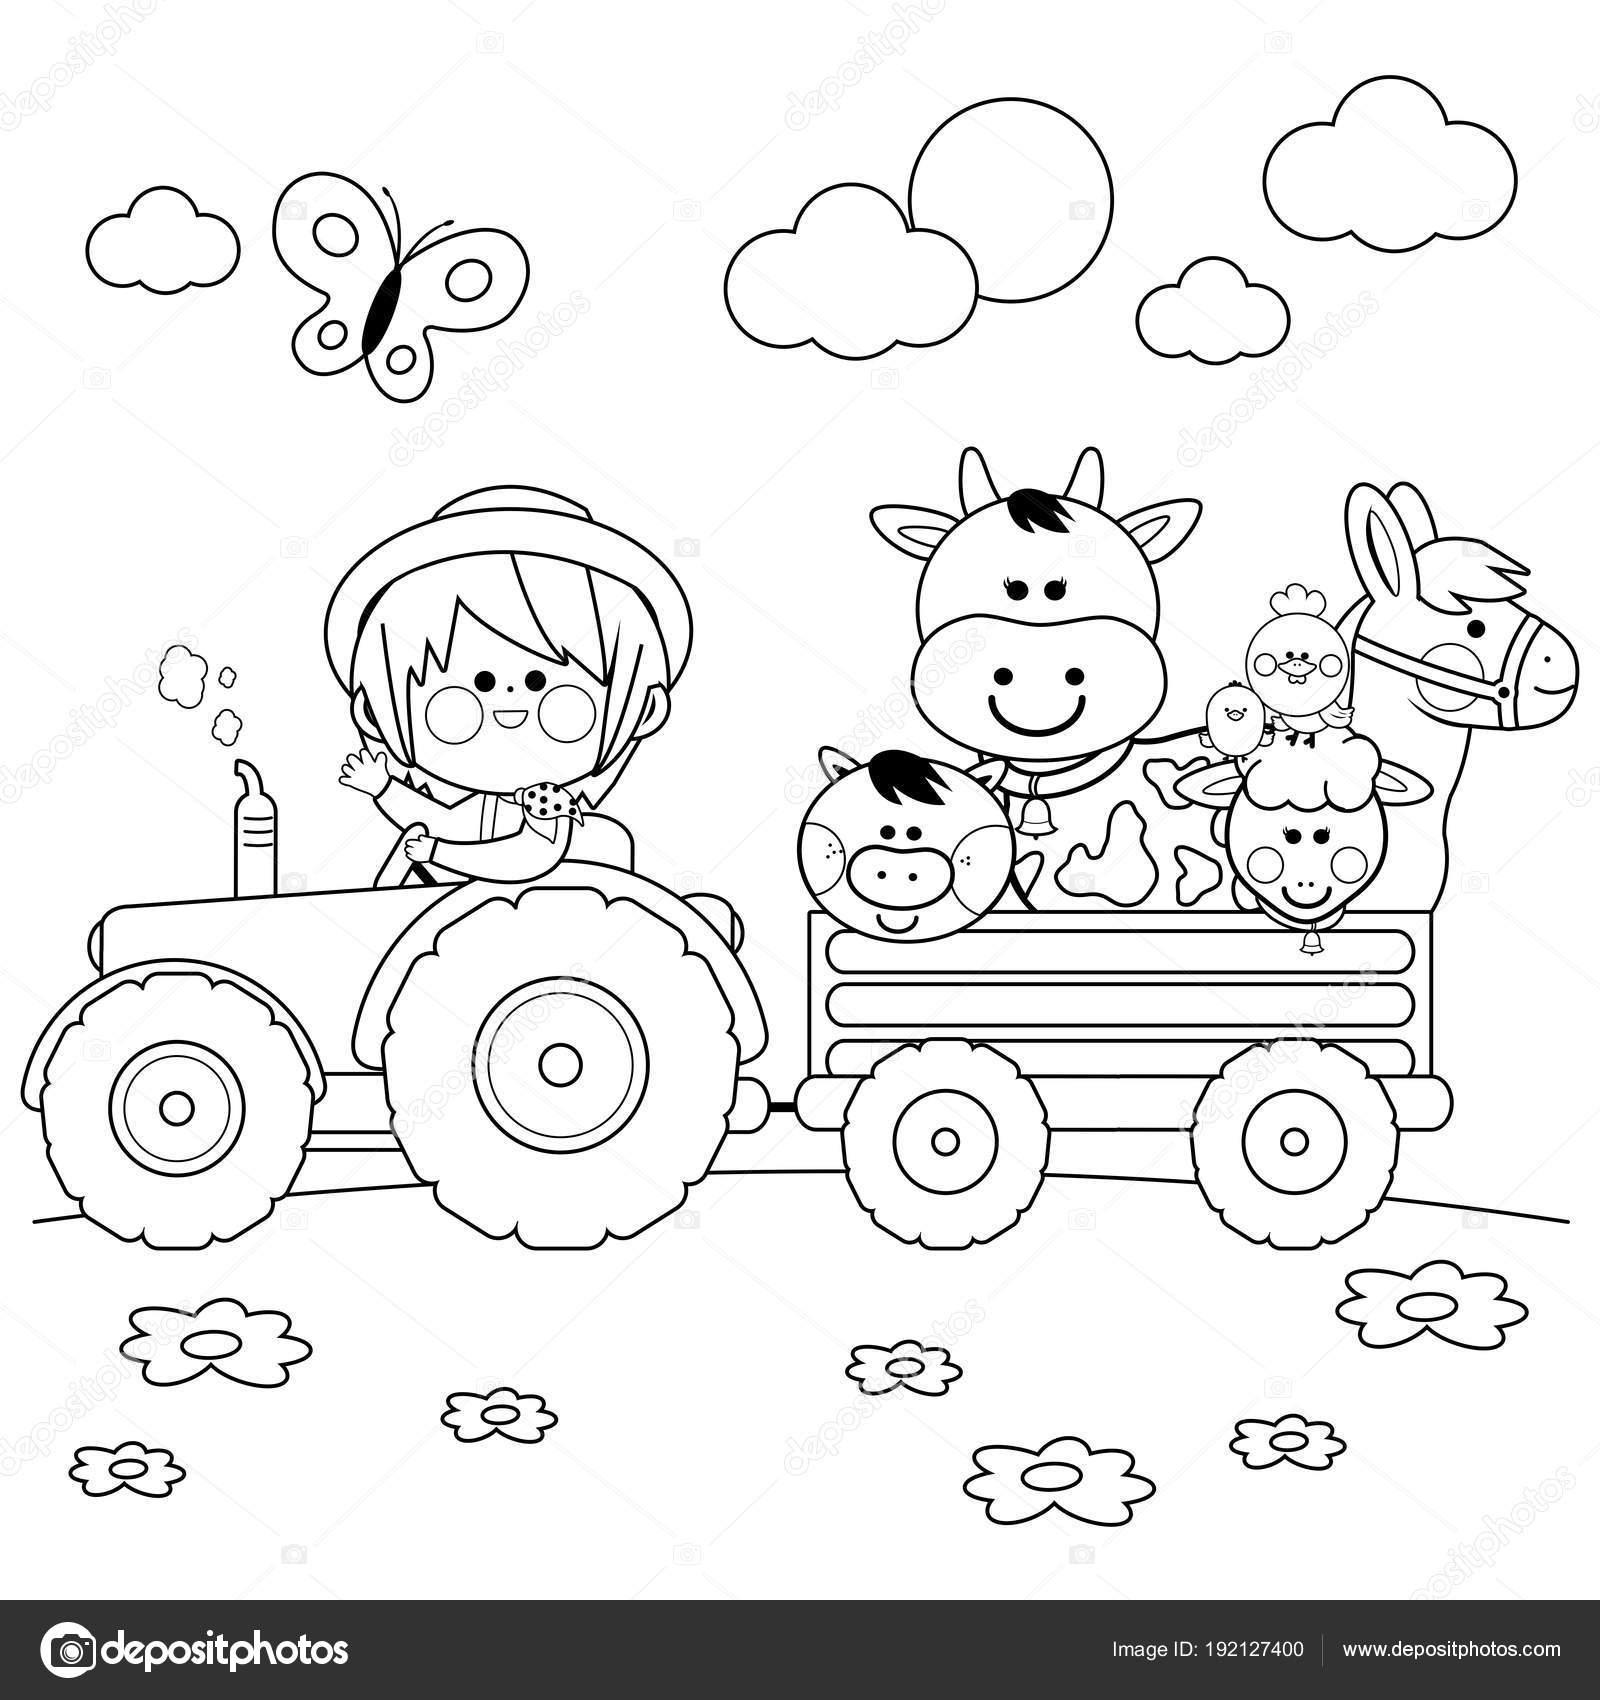 Bir Traktör Sürüş Ve çiftlik Hayvanları Taşıyan Bir çiftçi çocuk